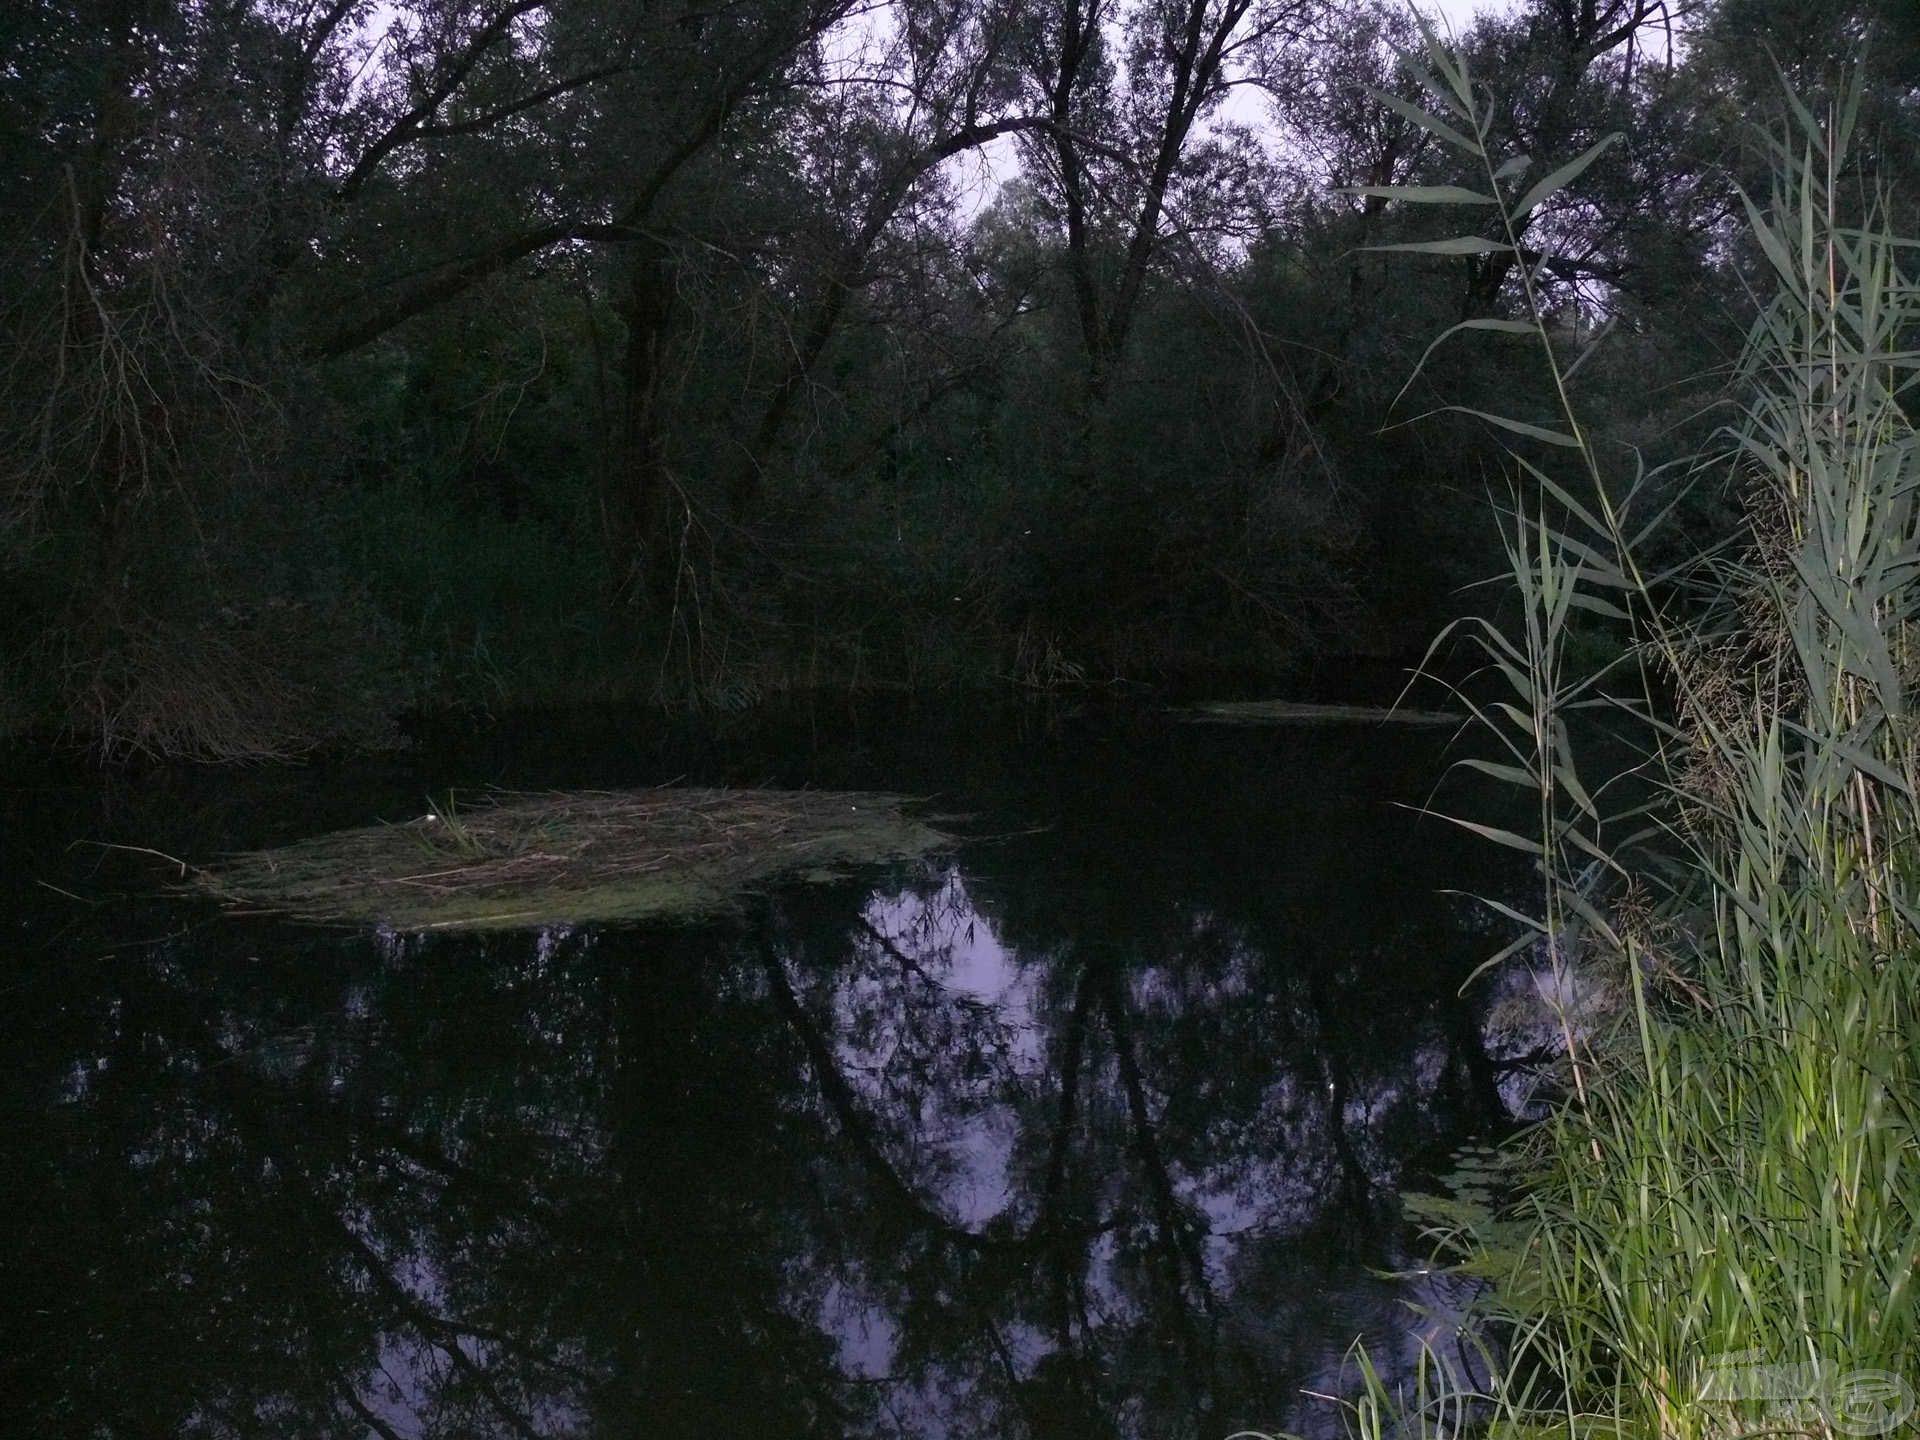 Úszó nádszigetek, amik megnehezítik a horgászatot